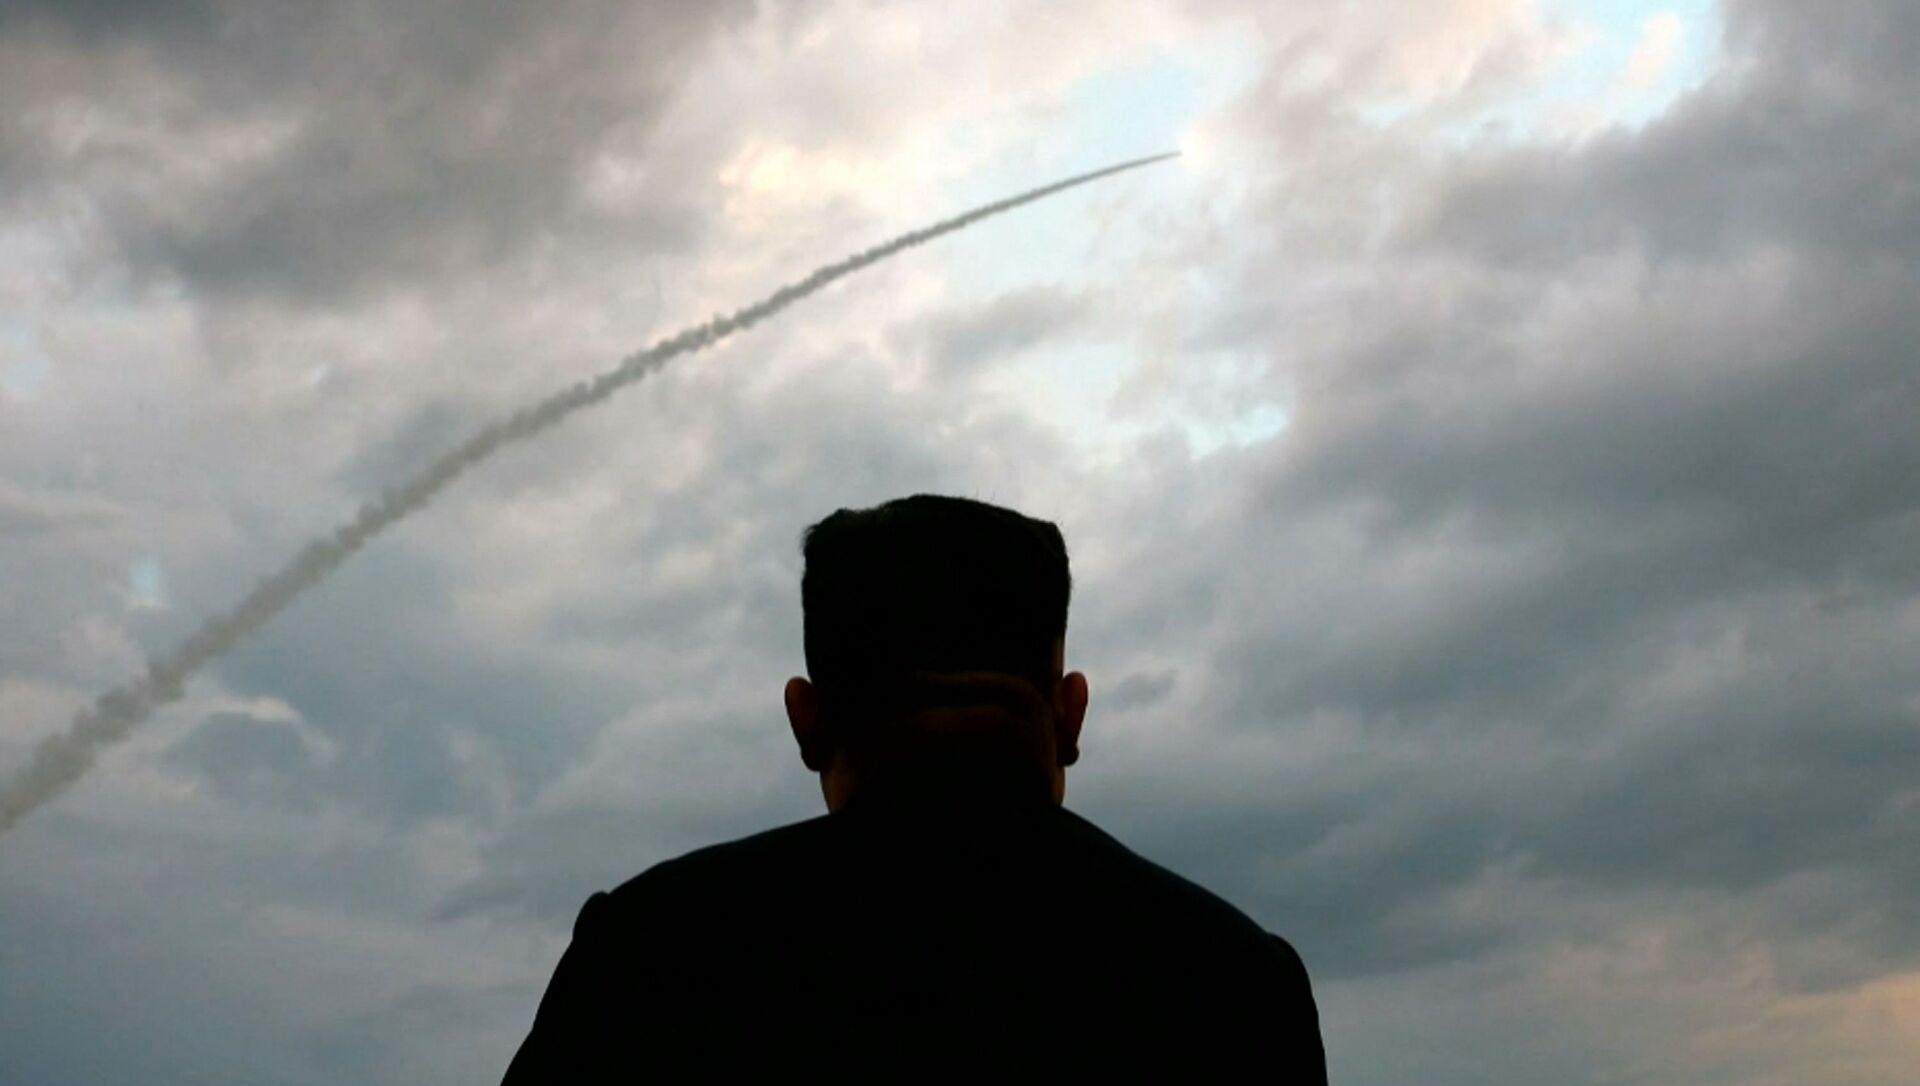 Il leader nordcoreano Kim Jong-un assiste al lancio di un missile balistico - Sputnik Italia, 1920, 27.03.2021